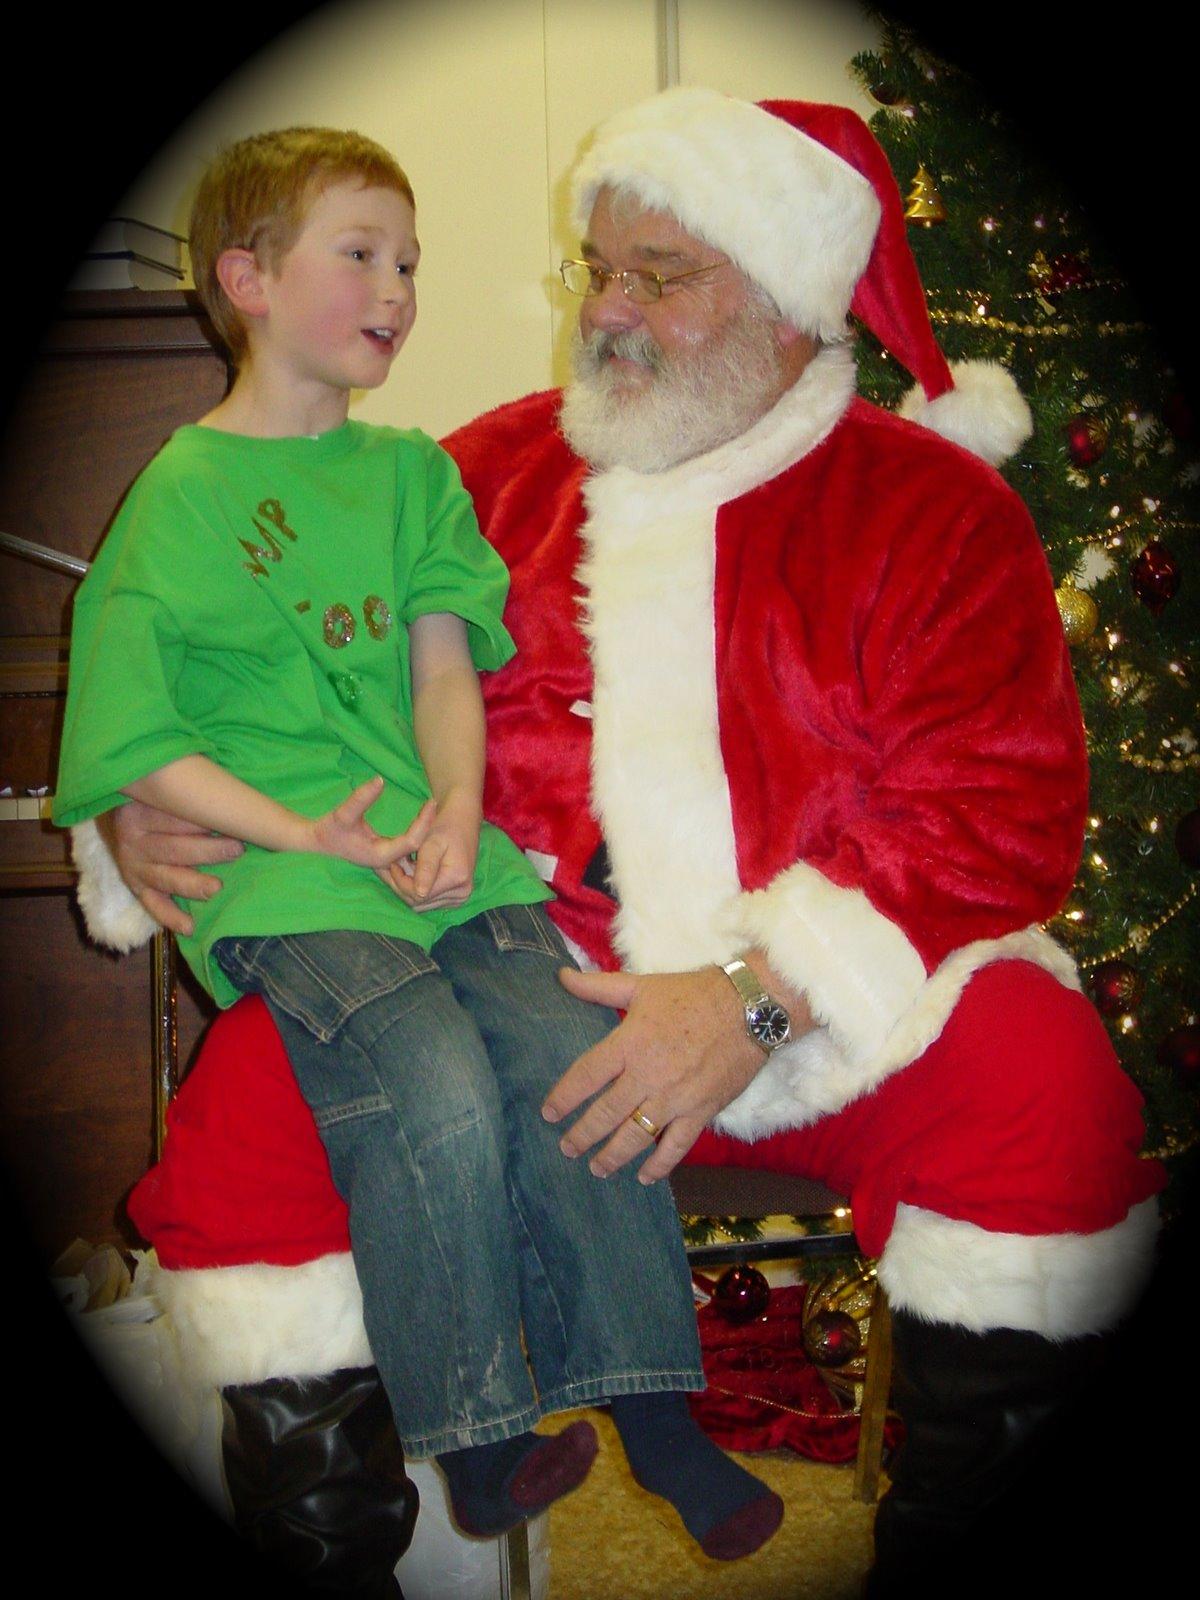 [Santa's+lap+2.jpg]